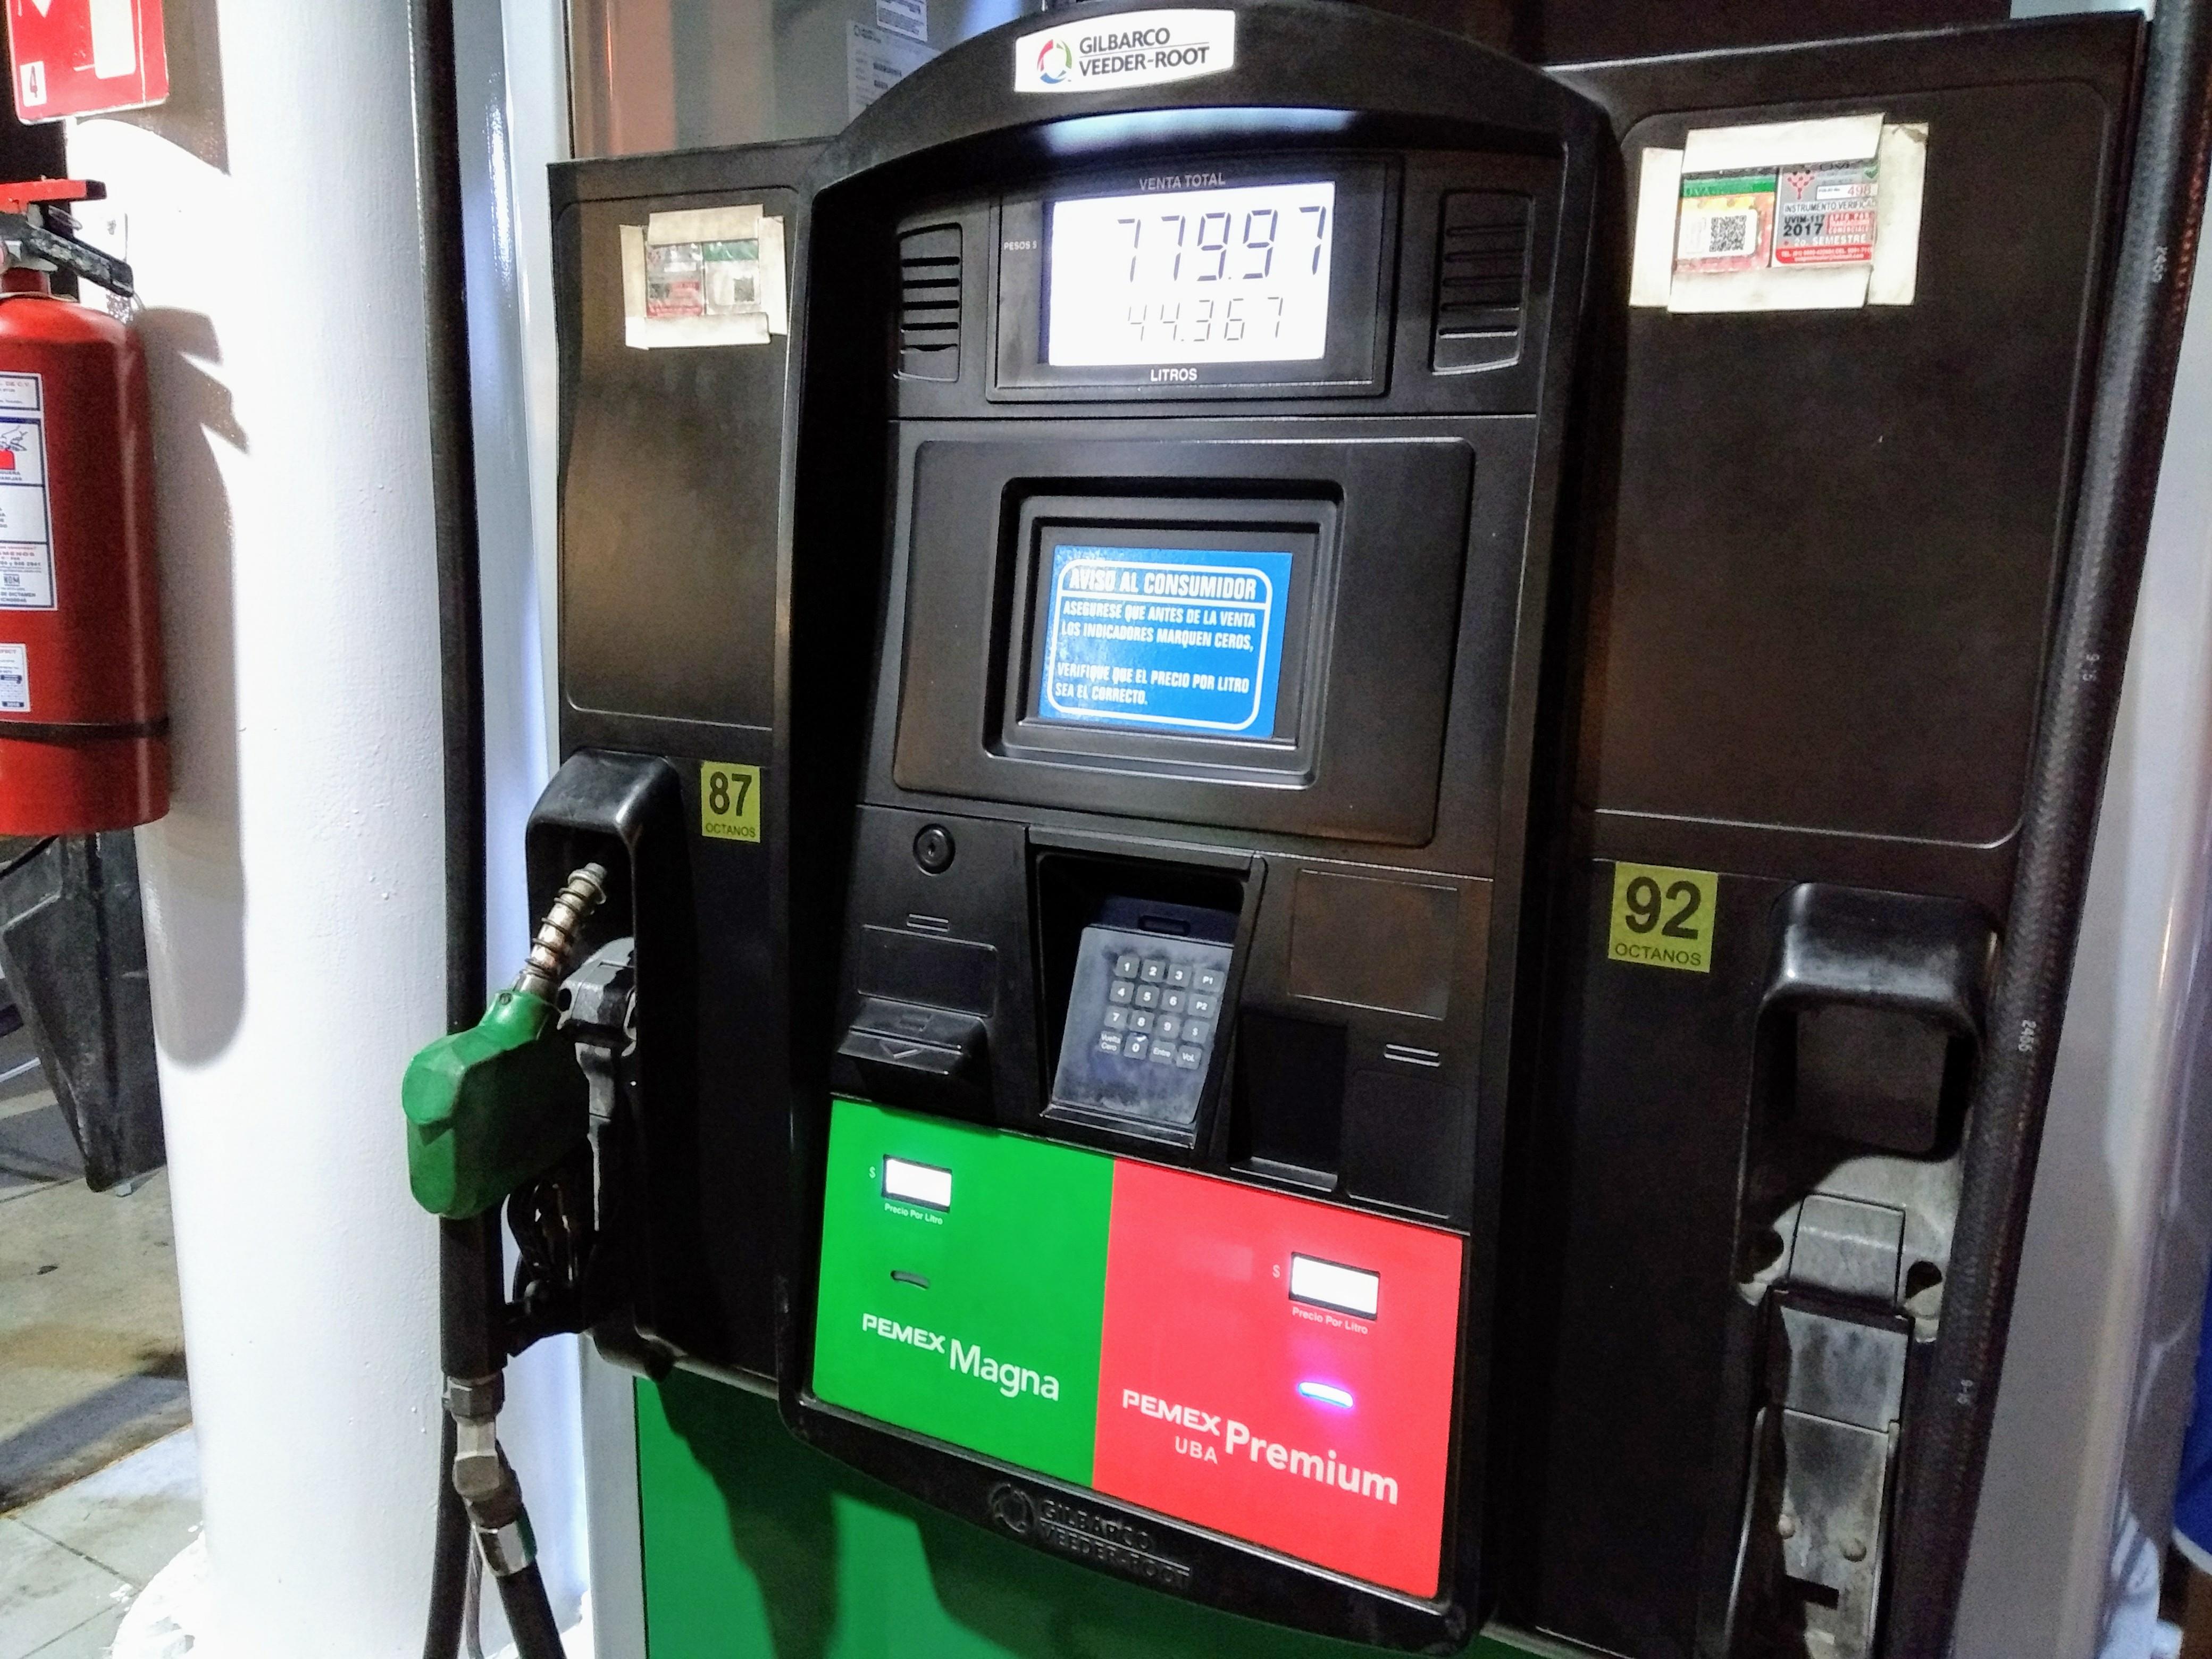 Precios de gasolina en Yucatán: Premium ya cuesta ¡a un dólar por litro!